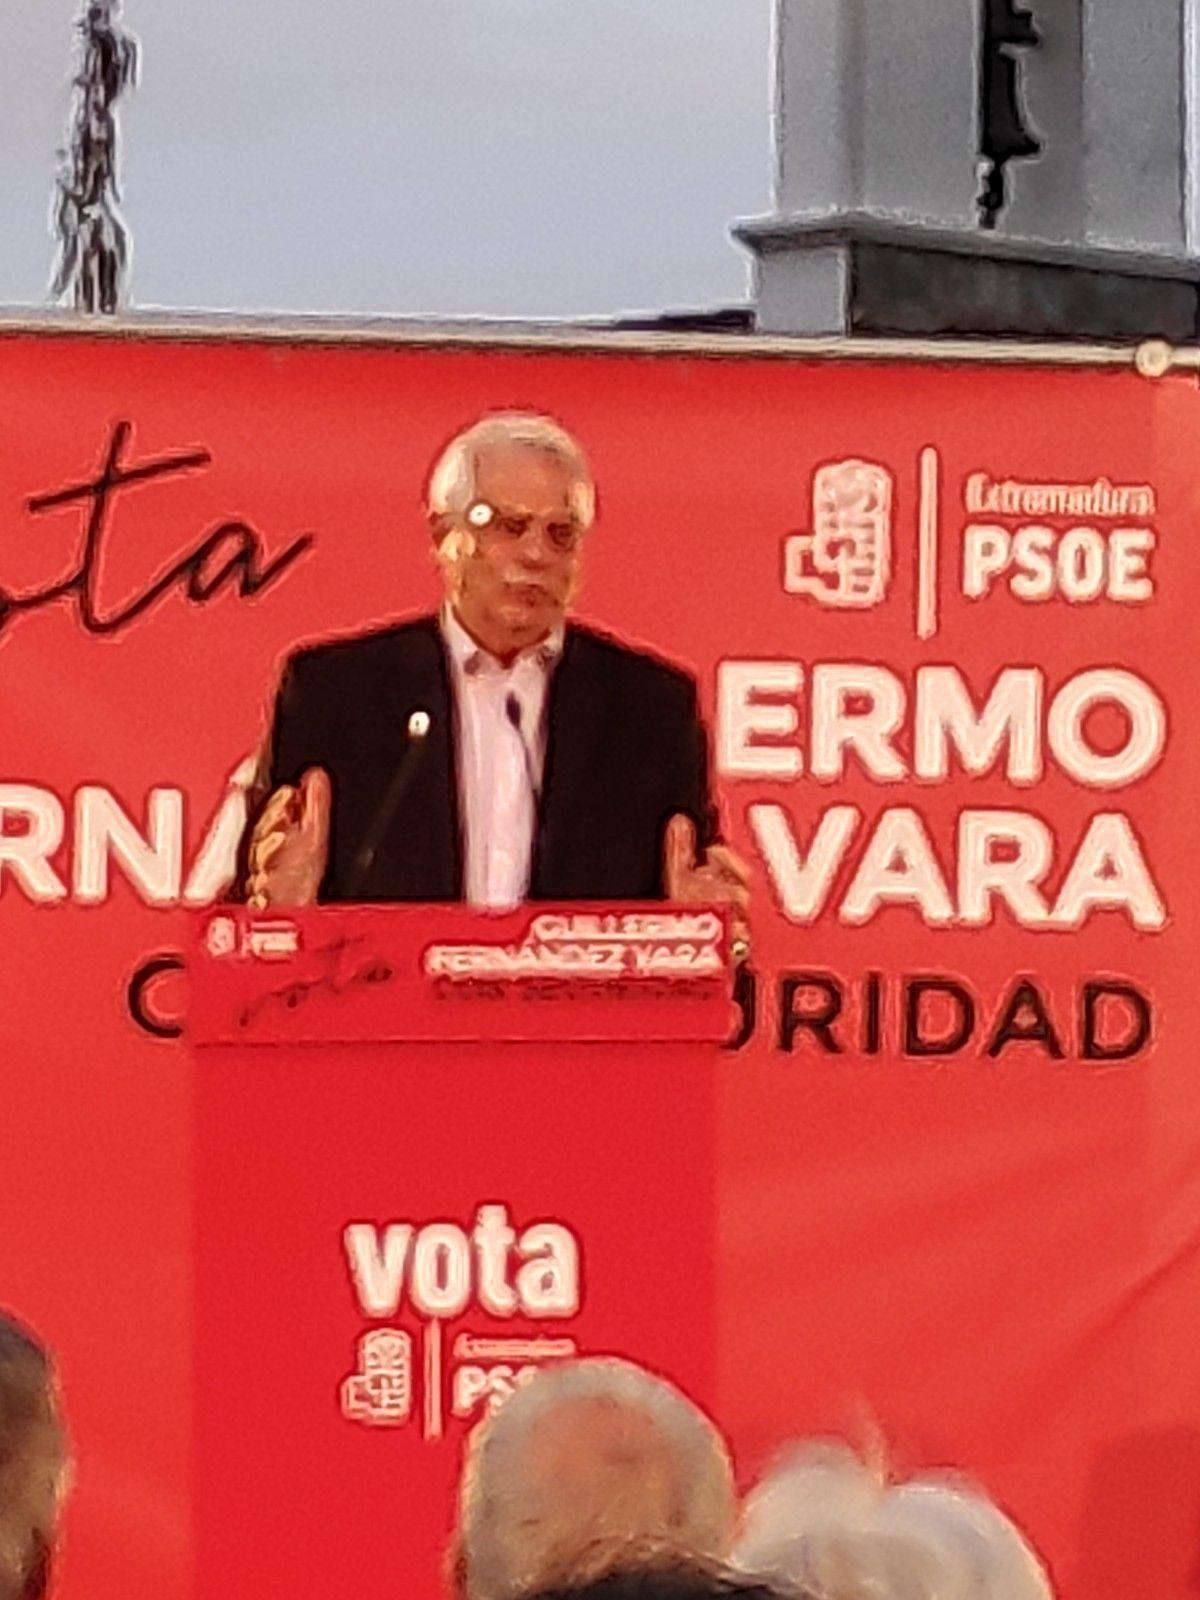 Borrel anima a votar en masa en la apoyo de la Unión Europea